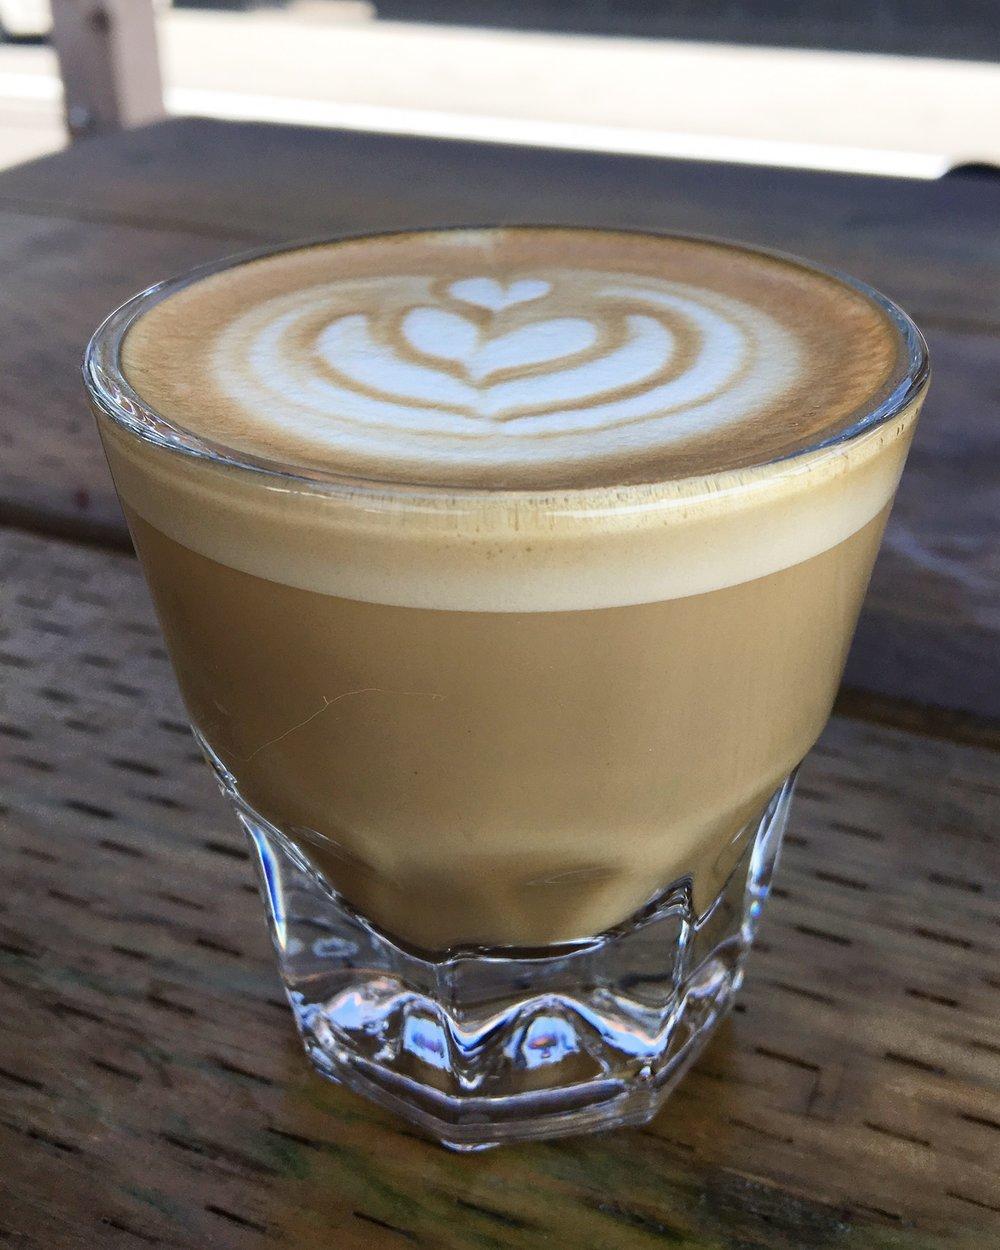 Cortado : 1/2 espresso, 1/2 foamy milk to reduce acidity.